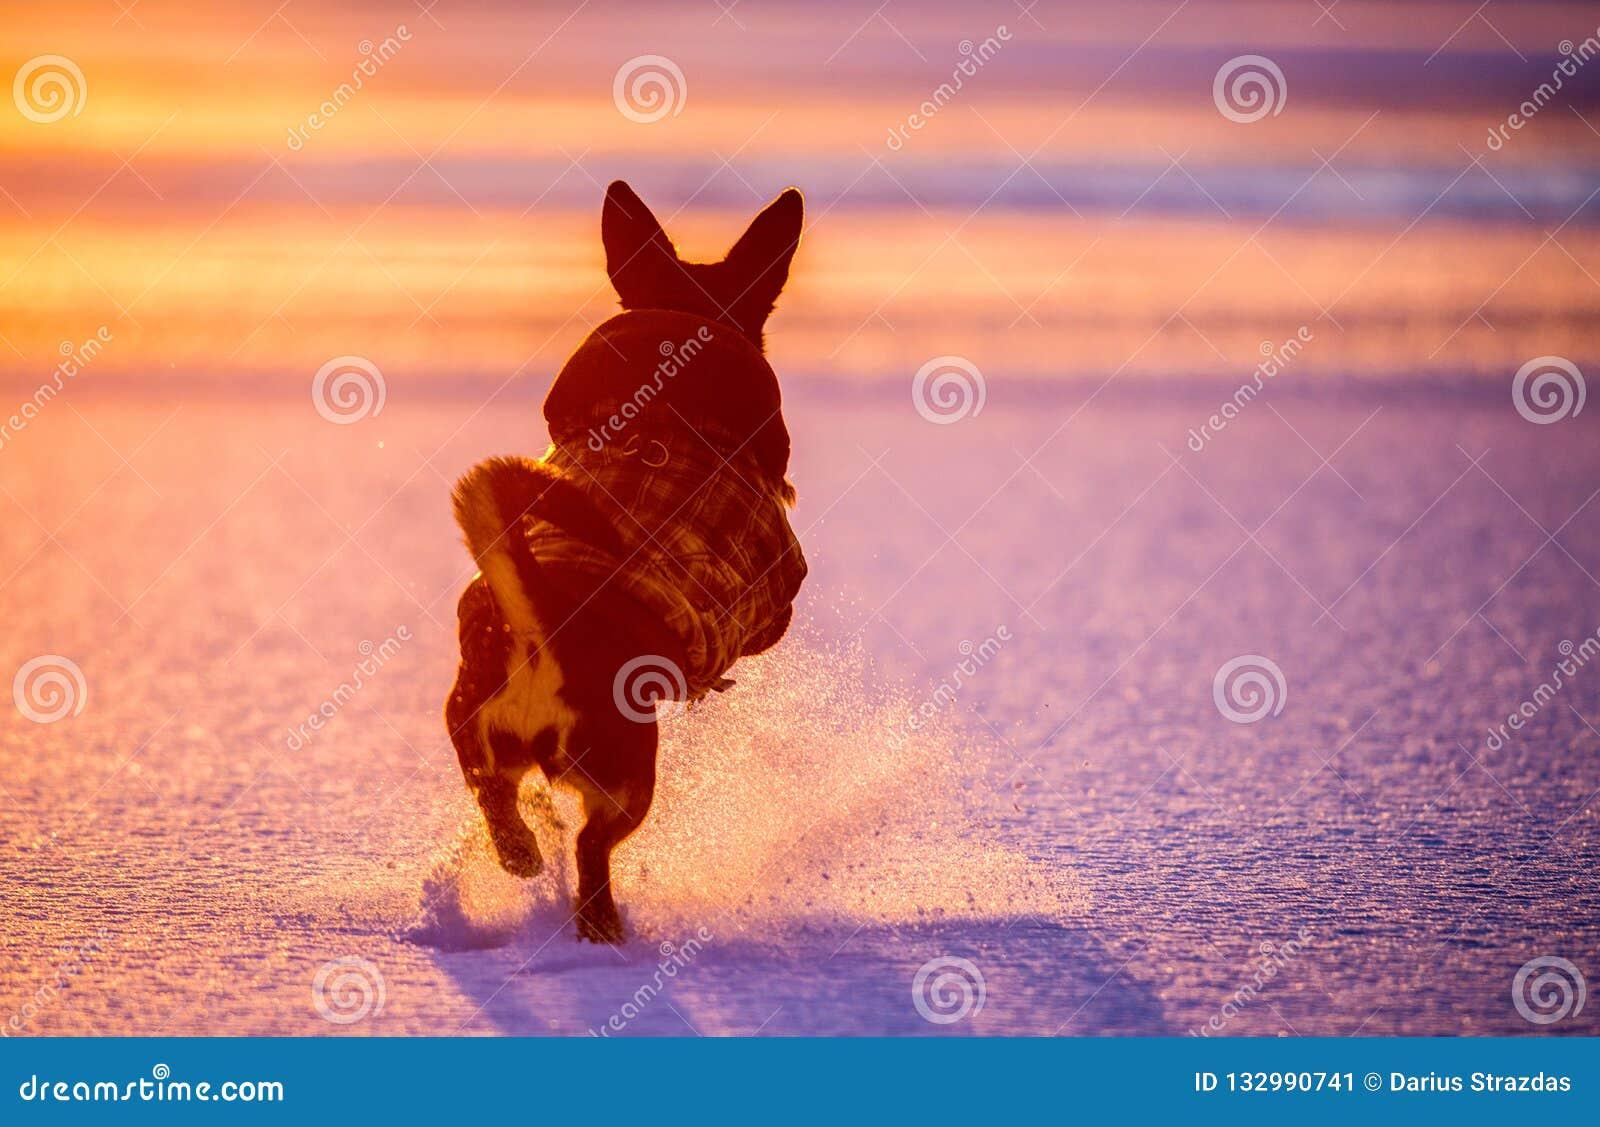 Dog run and jump in winter sunset